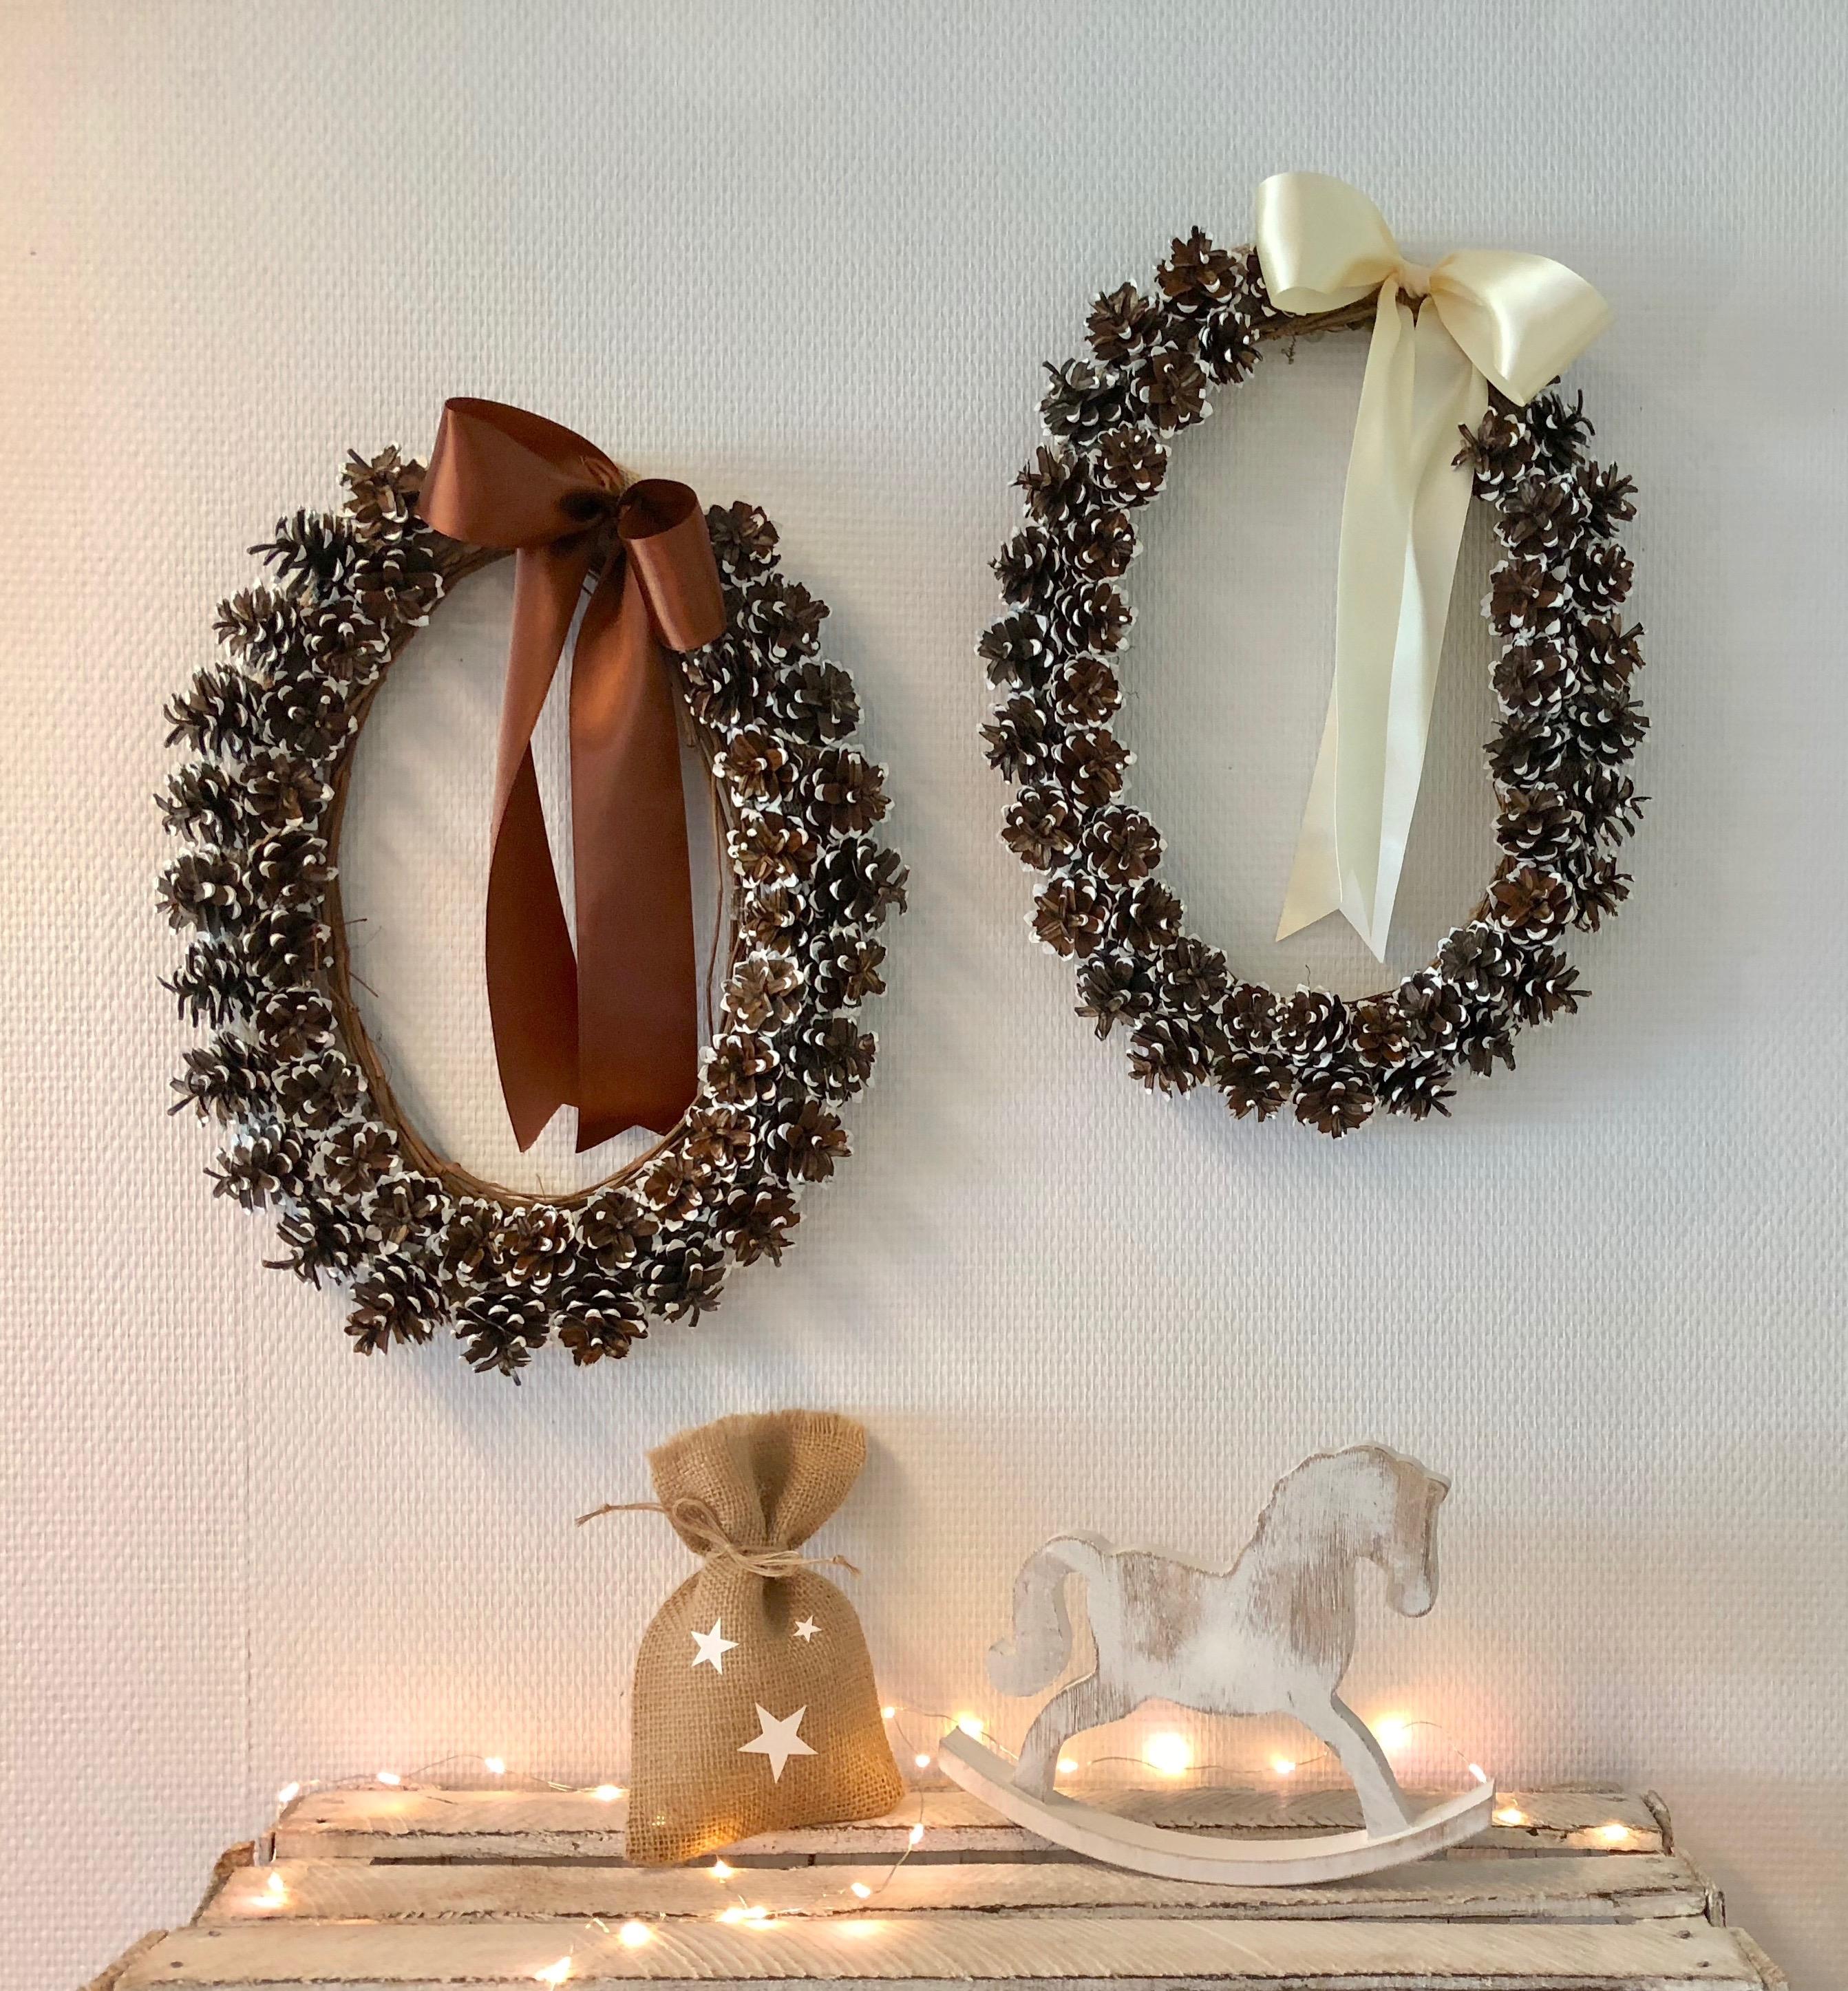 Kerstdecoratie | Krans van dennenappels